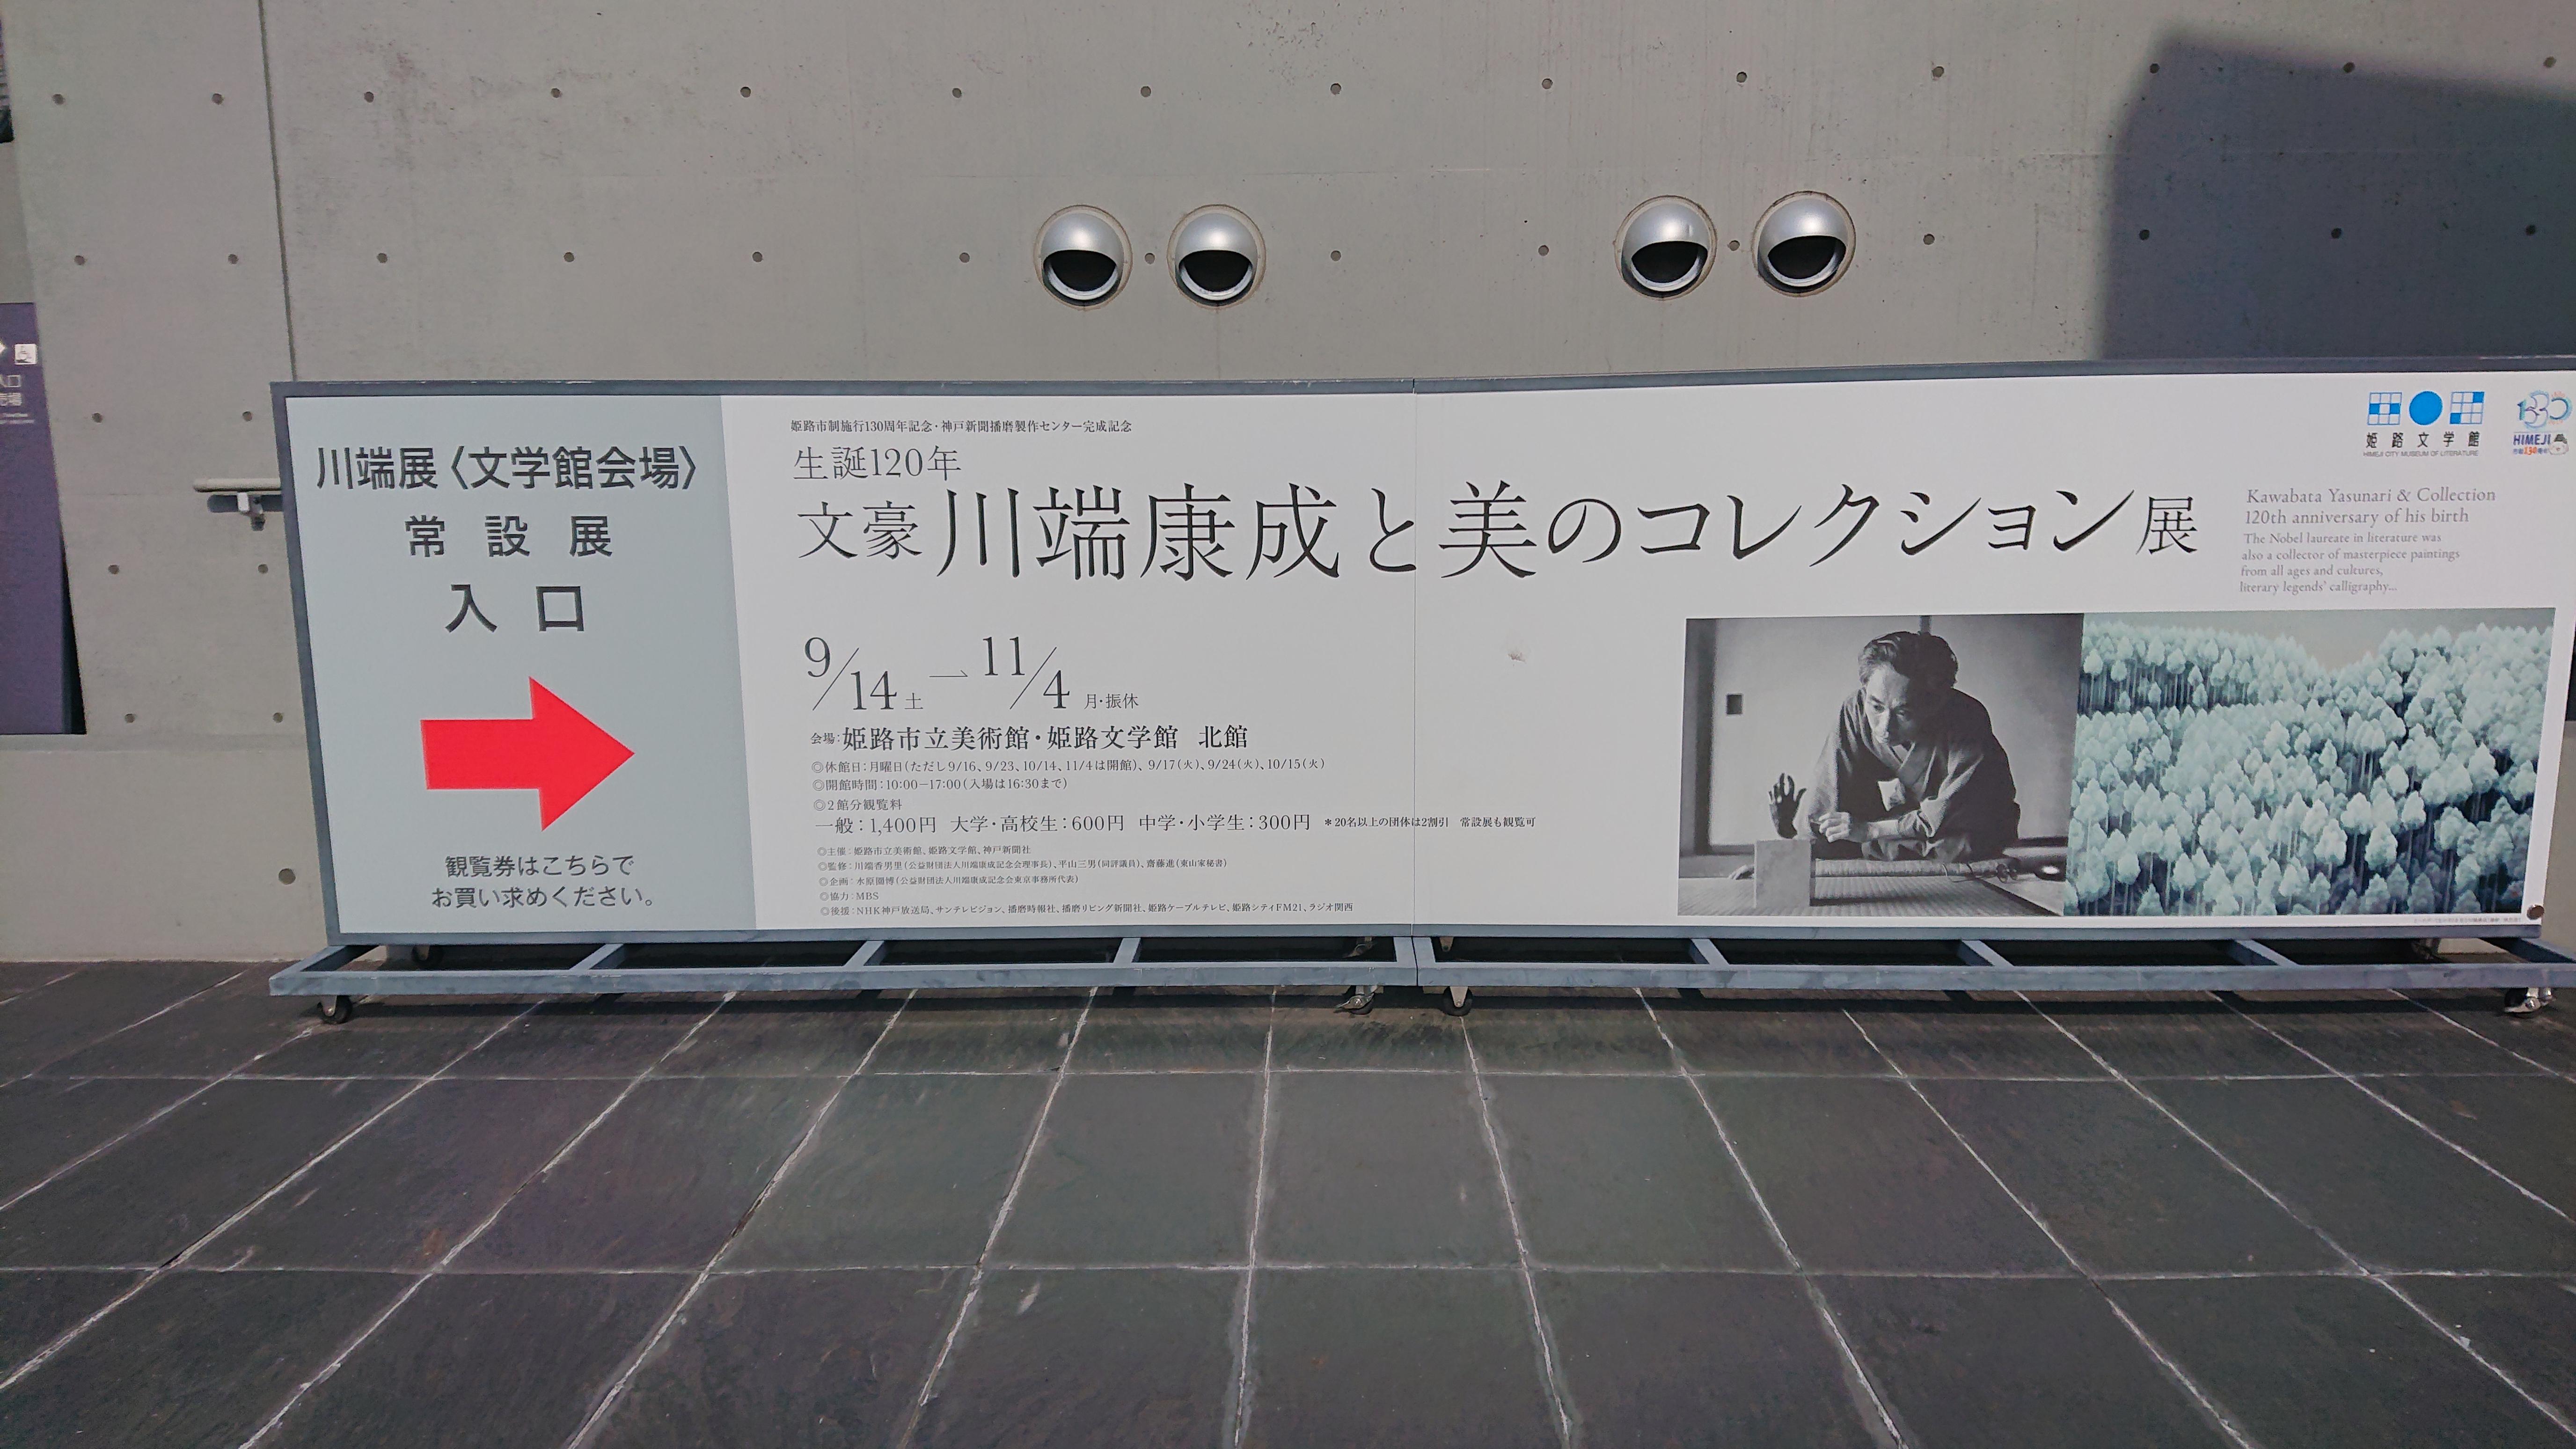 川端 康成 文学 館 感想